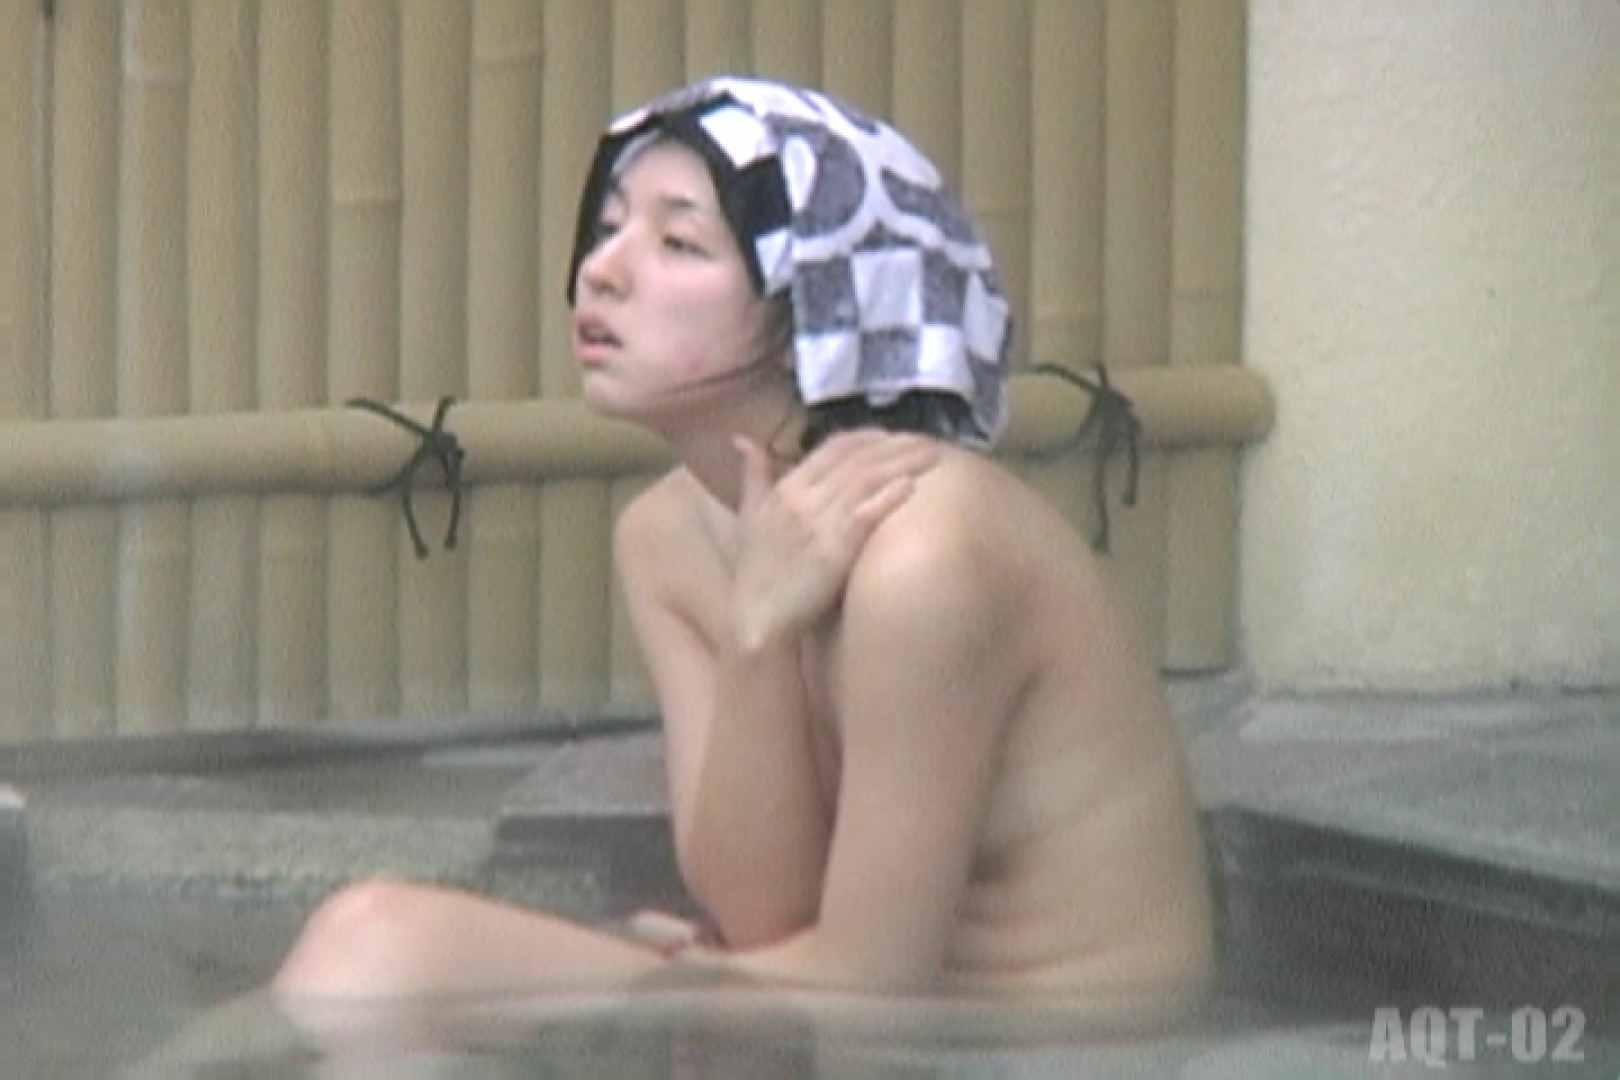 Aquaな露天風呂Vol.723 露天   OLエロ画像  110PICs 61